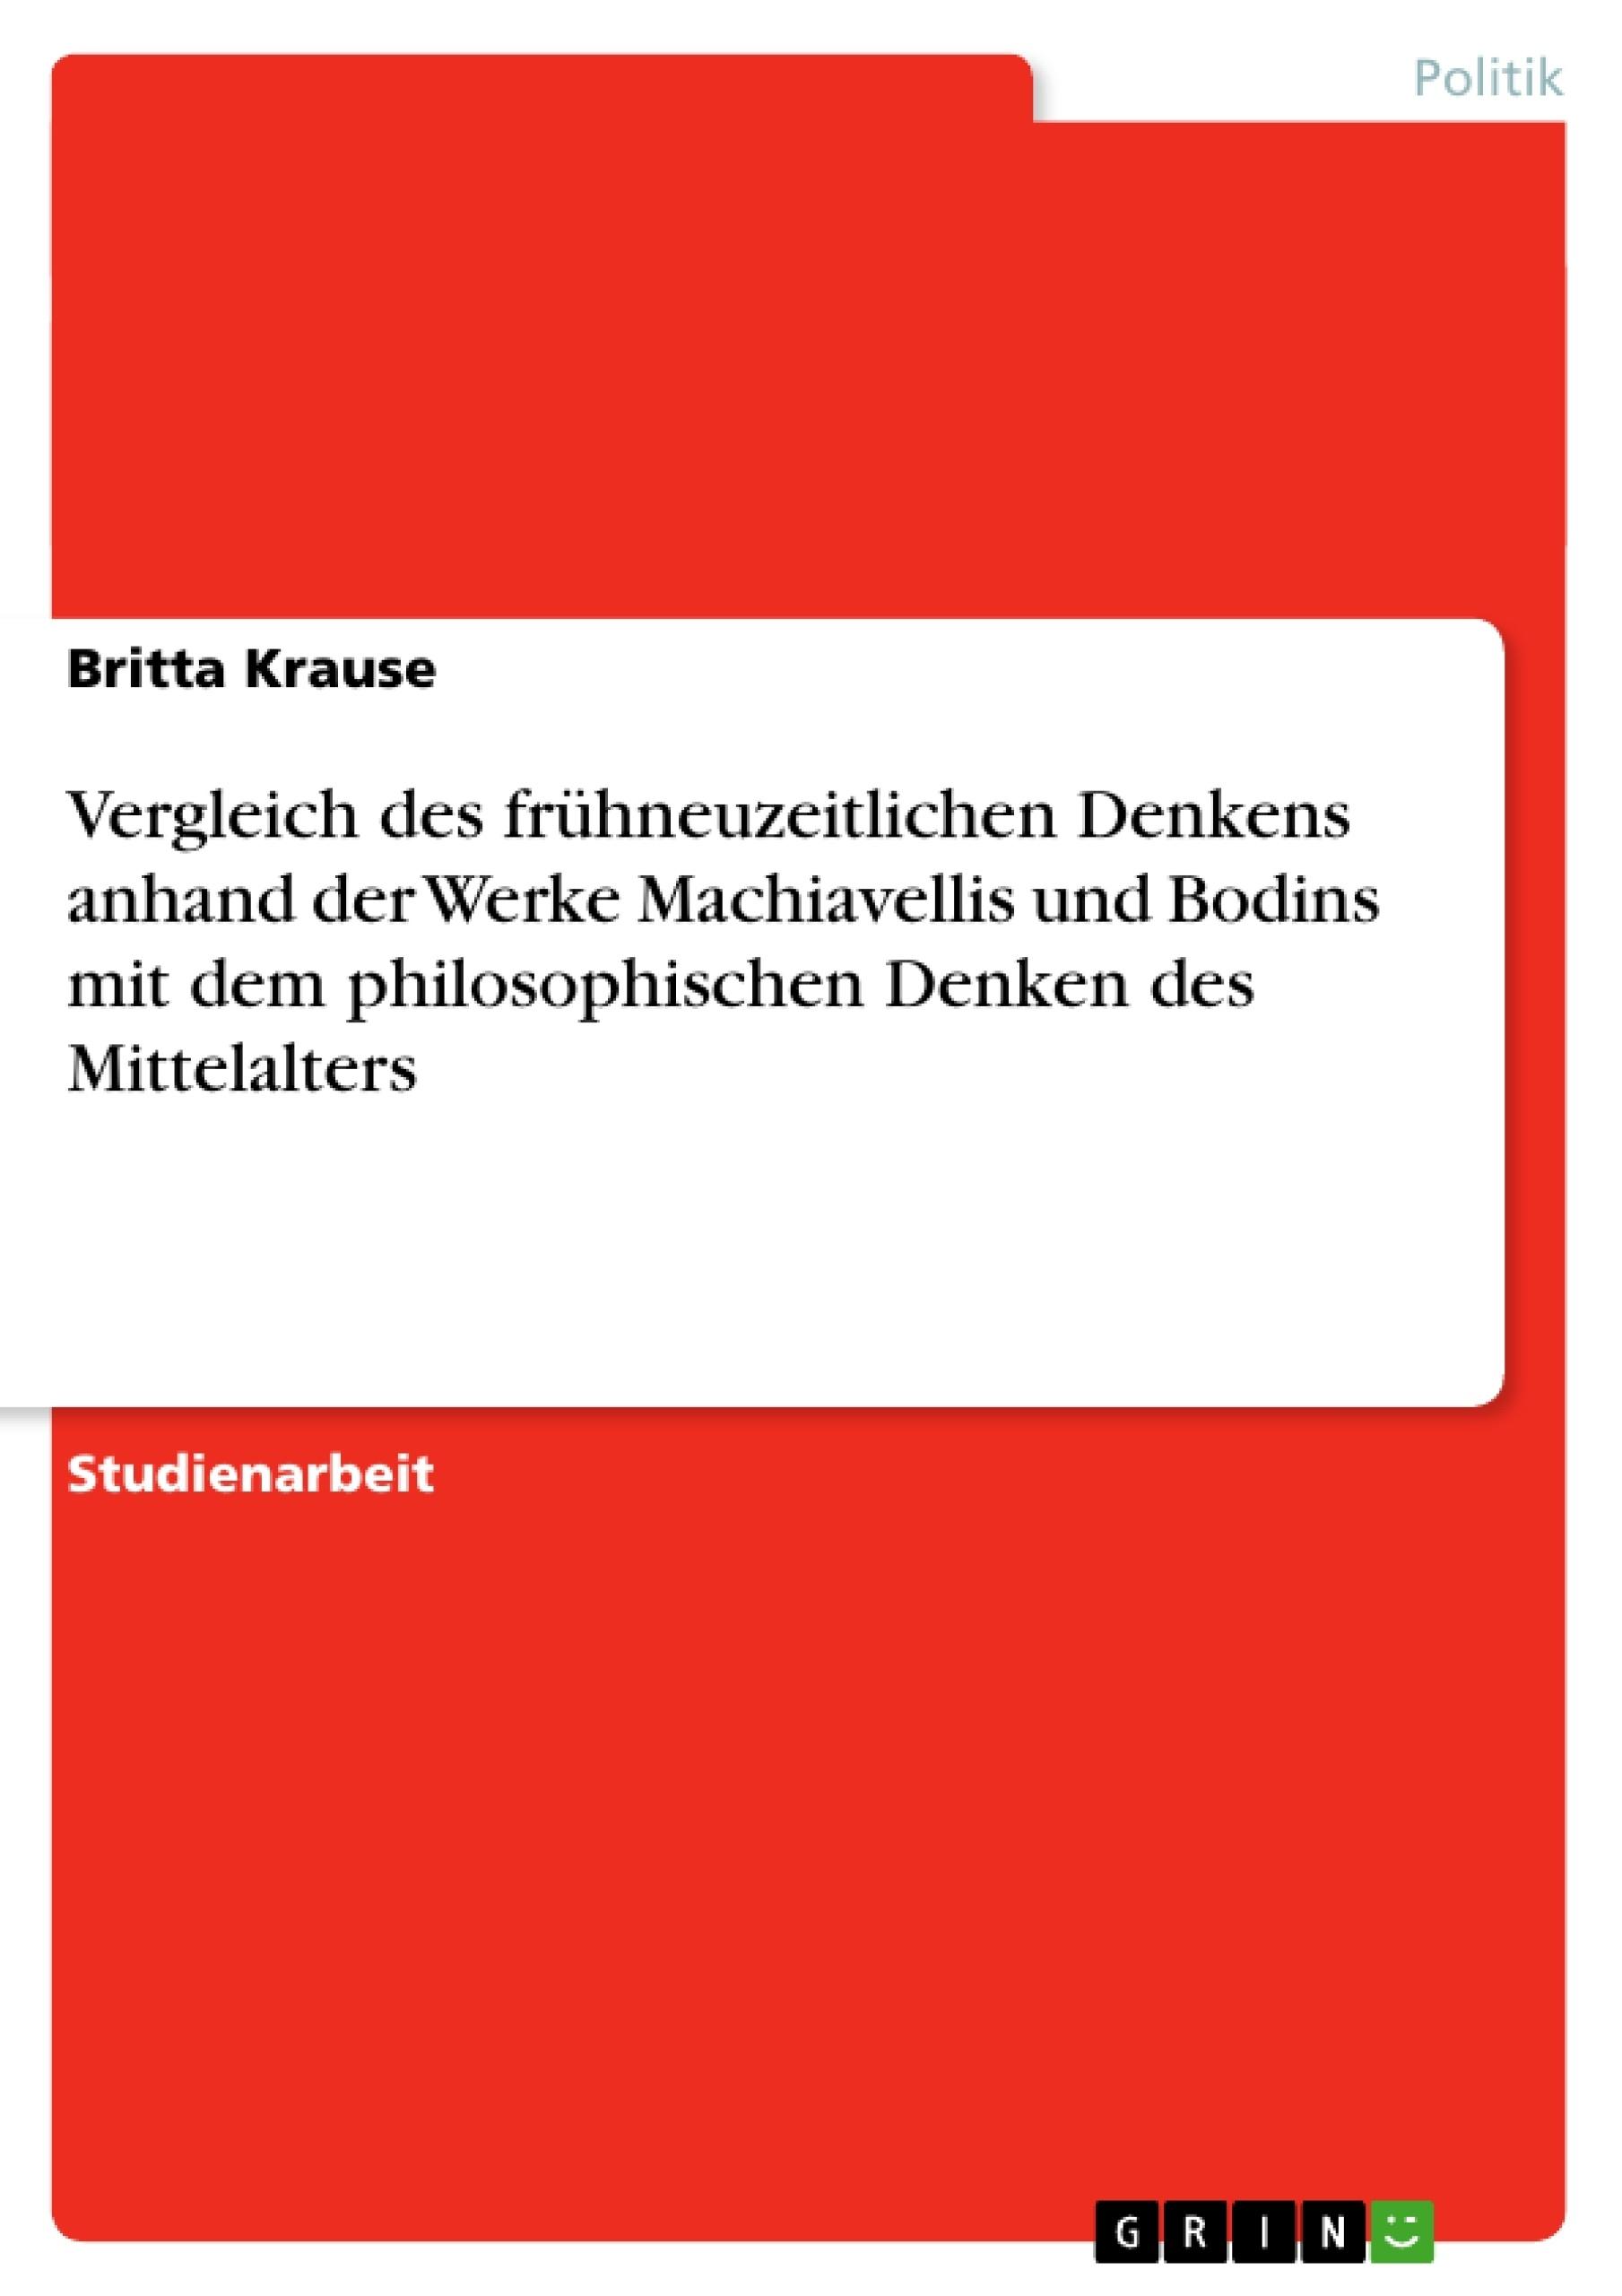 Titel: Vergleich des frühneuzeitlichen Denkens anhand der Werke Machiavellis und Bodins mit dem philosophischen Denken des Mittelalters